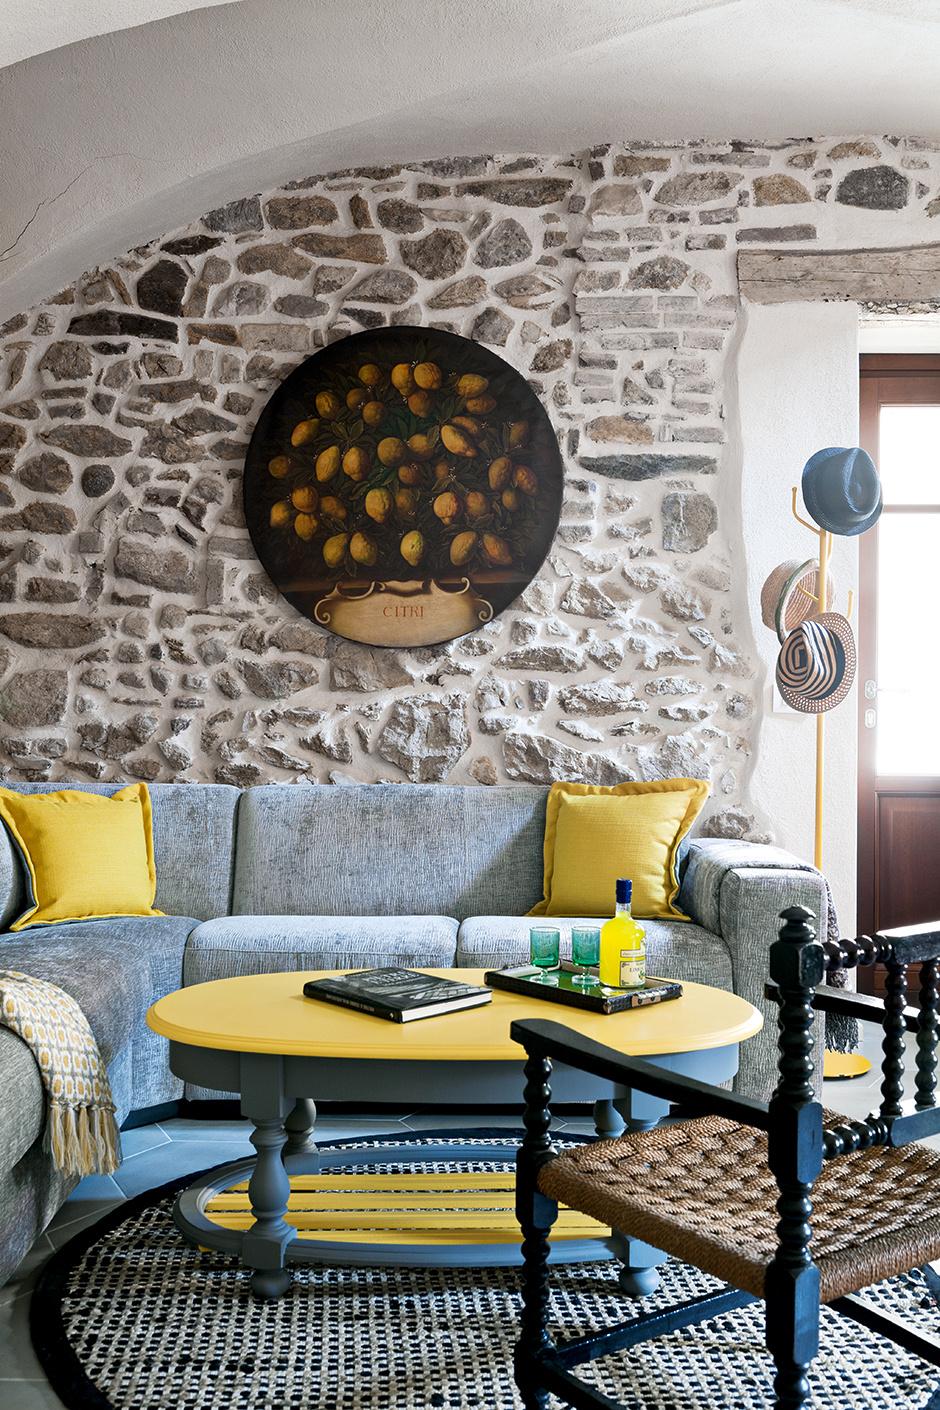 Уютный дом в Италии от Жени Ждановой уютный дом в италии Уютный дом в Италии от Жени Ждановой  1 aea8457a59e5fc9e90a5611f204c215f  0xc35dbb80 7434908651499246481